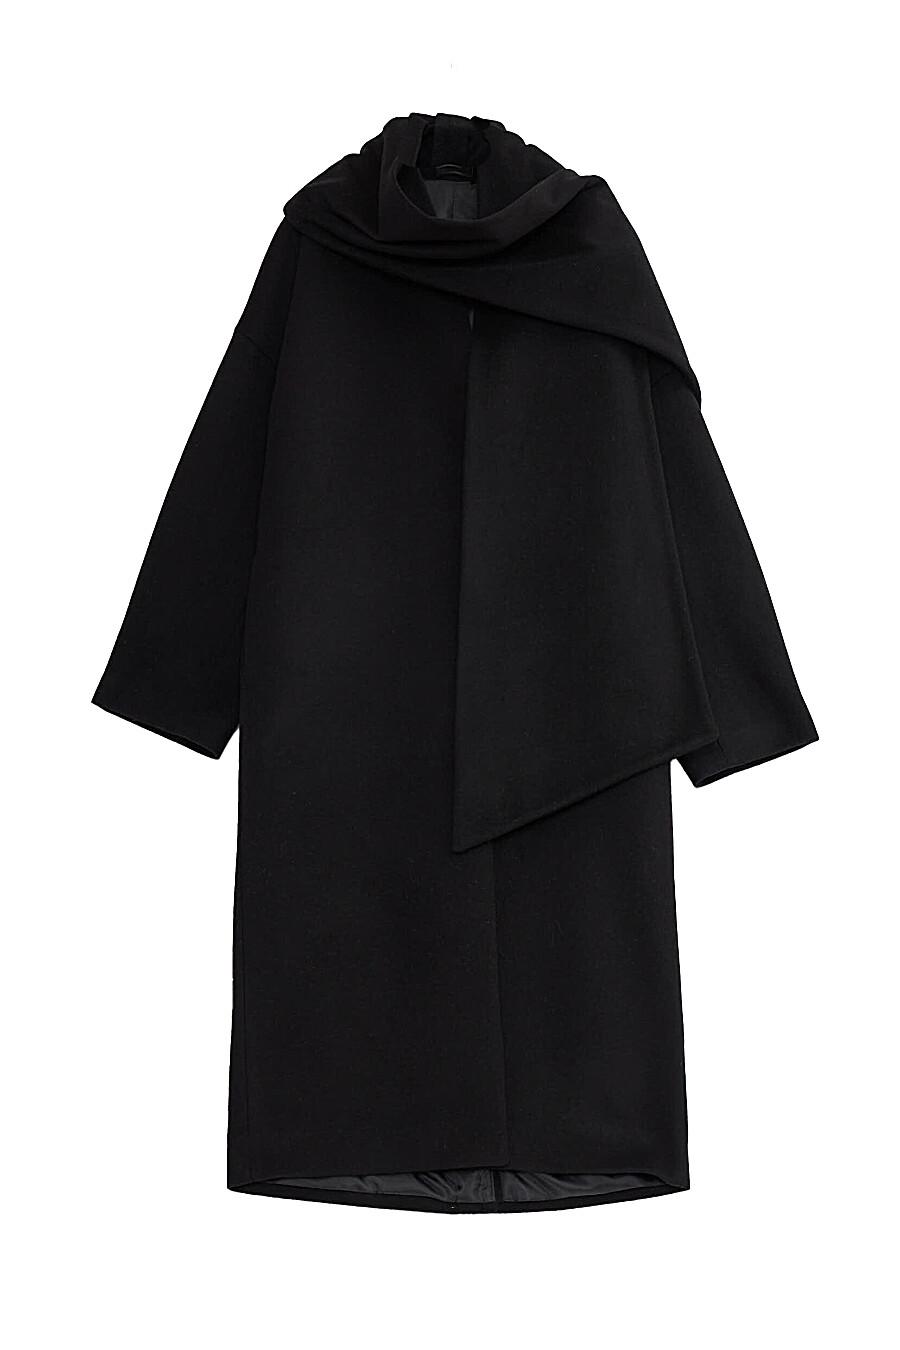 Пальто для женщин CALISTA 707304 купить оптом от производителя. Совместная покупка женской одежды в OptMoyo